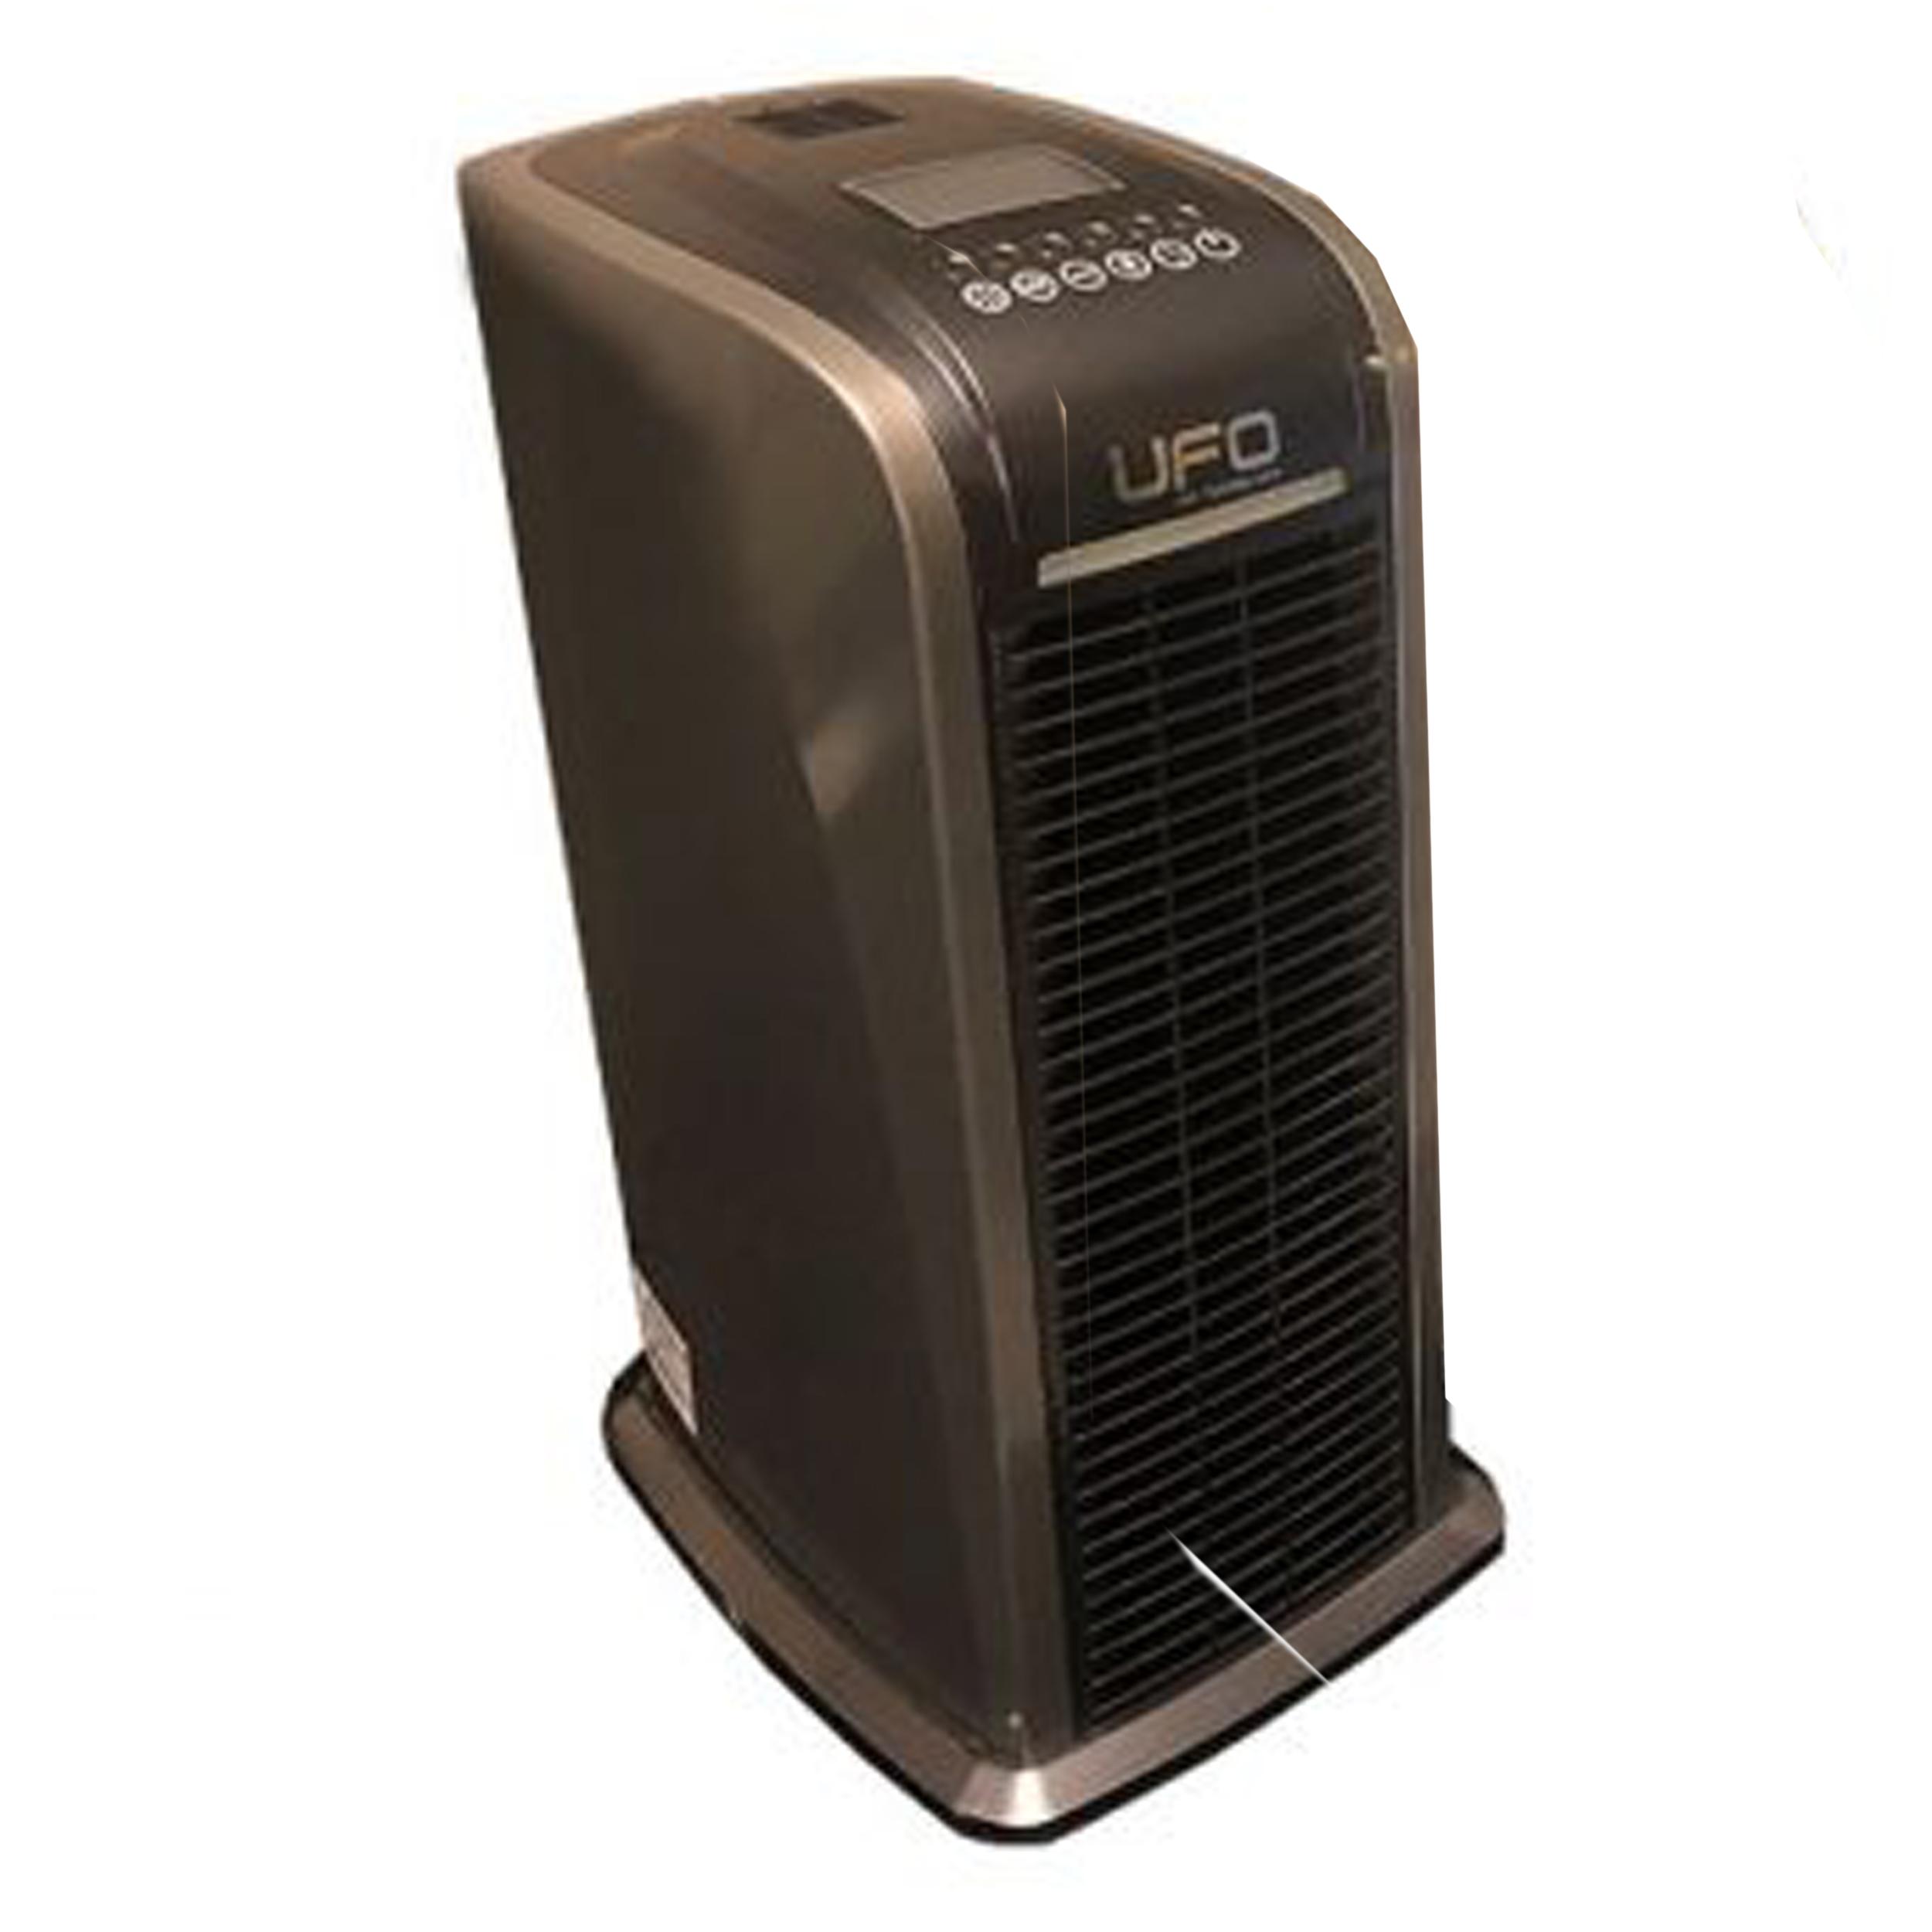 دستگاه تصفیه کننده هوا یوفو مدل full-P150 کد I9001